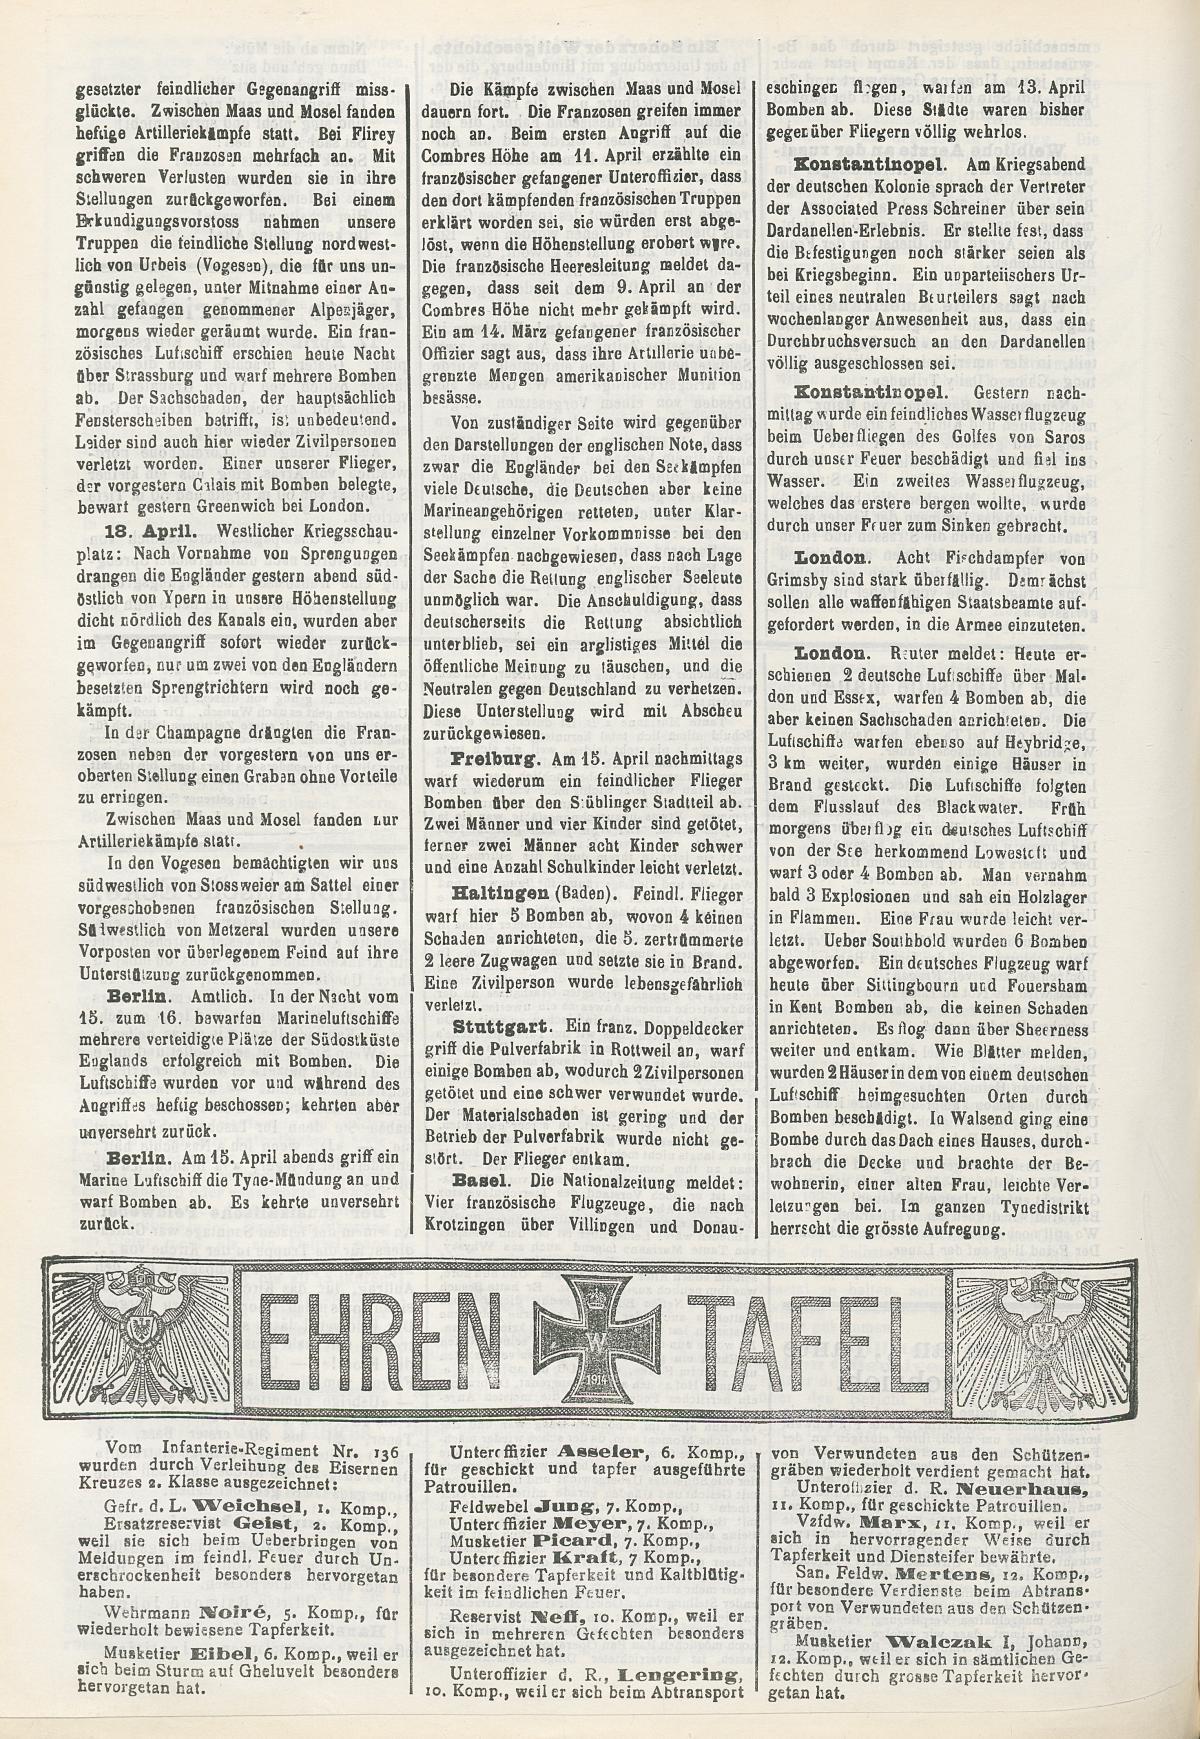 Großartig Hauptschaltkasten Bilder - Der Schaltplan - triangre.info